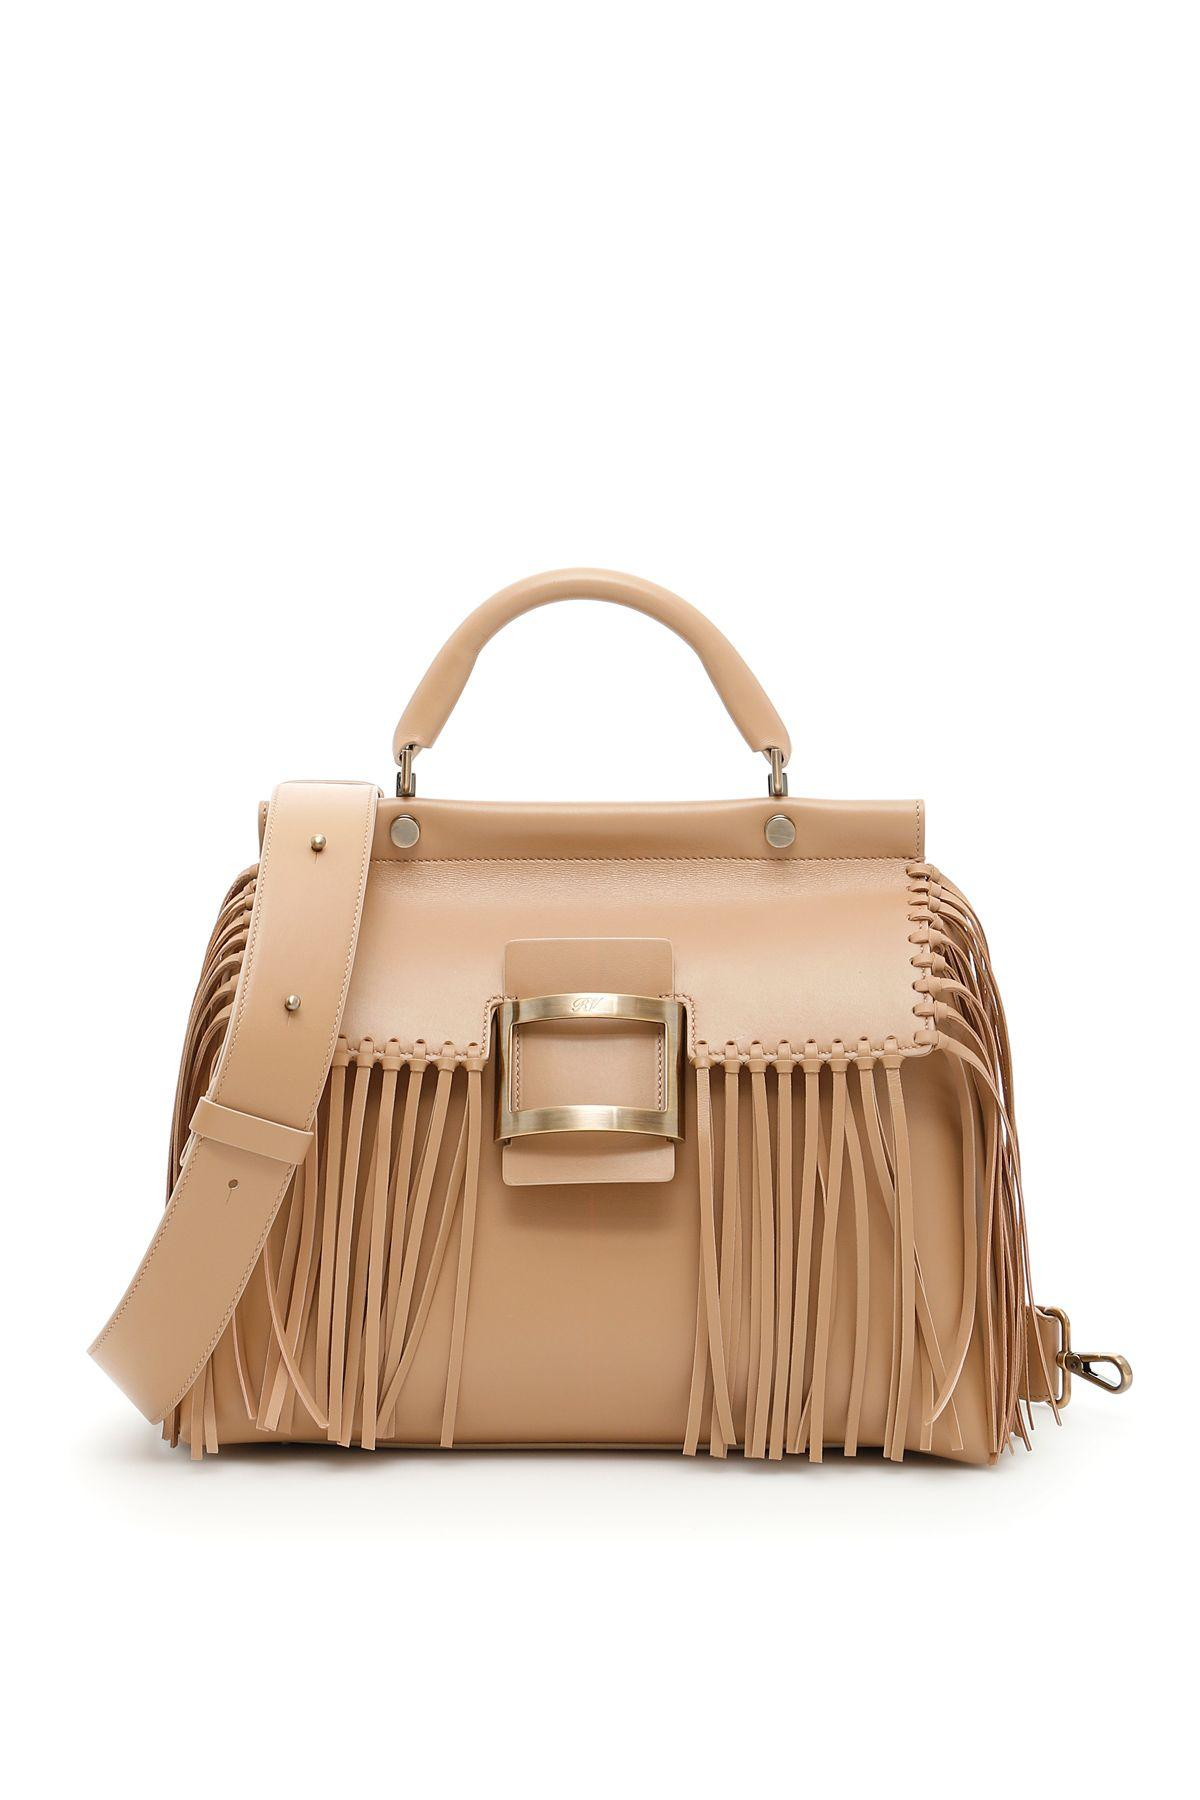 Roger Vivier Viv Cabas Small Bag In Saharabeige